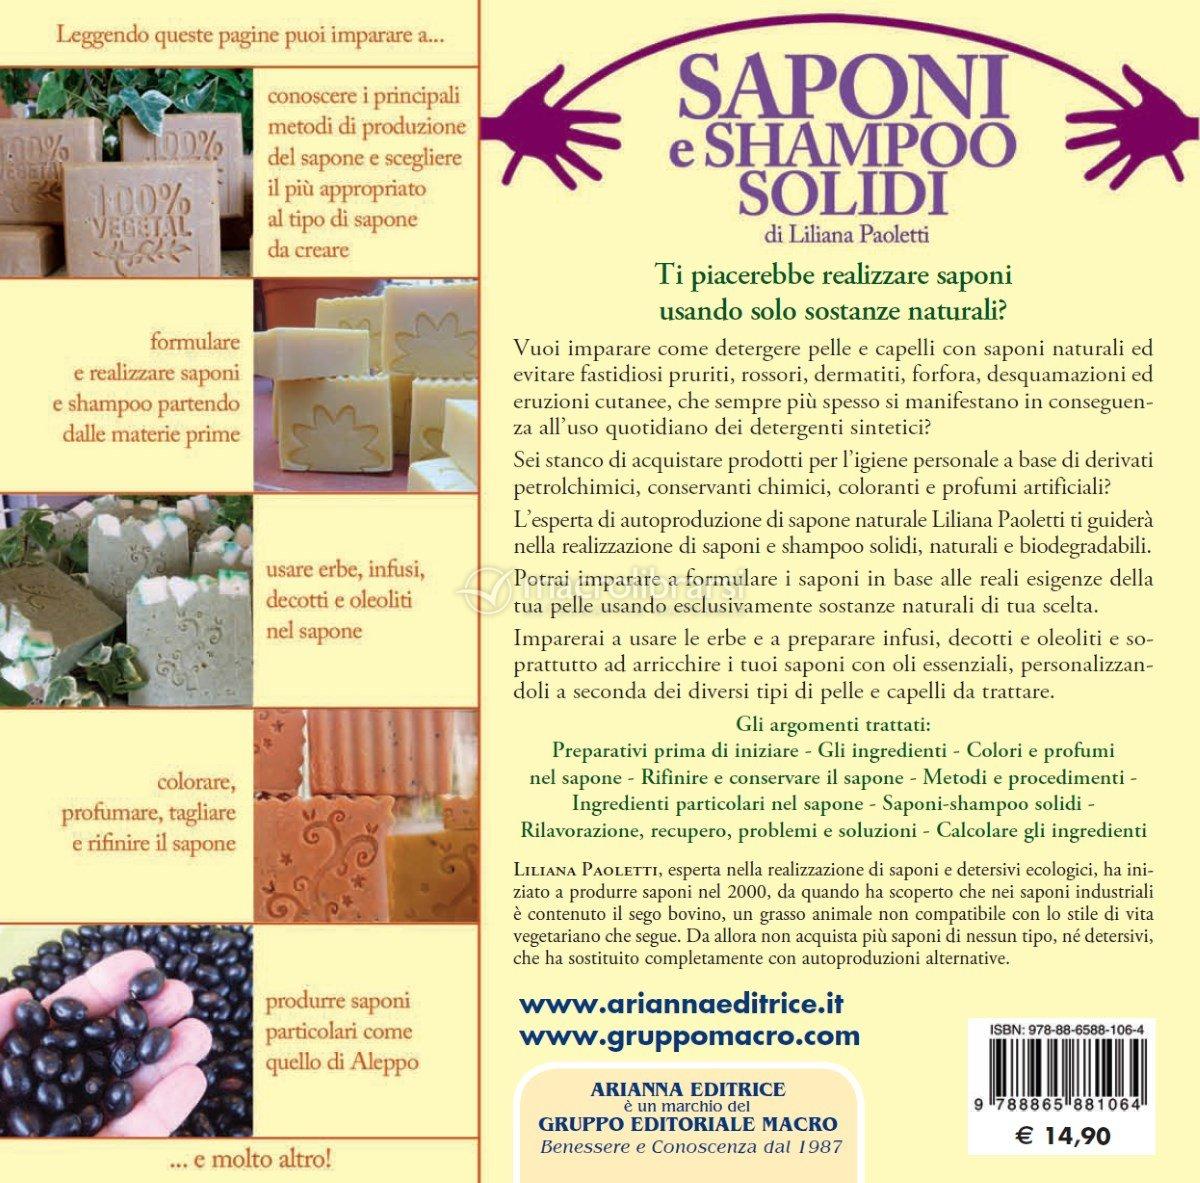 Saponi e shampoo solidi naturali fatti in casa liliana paoletti - Detersivi naturali fatti in casa ...